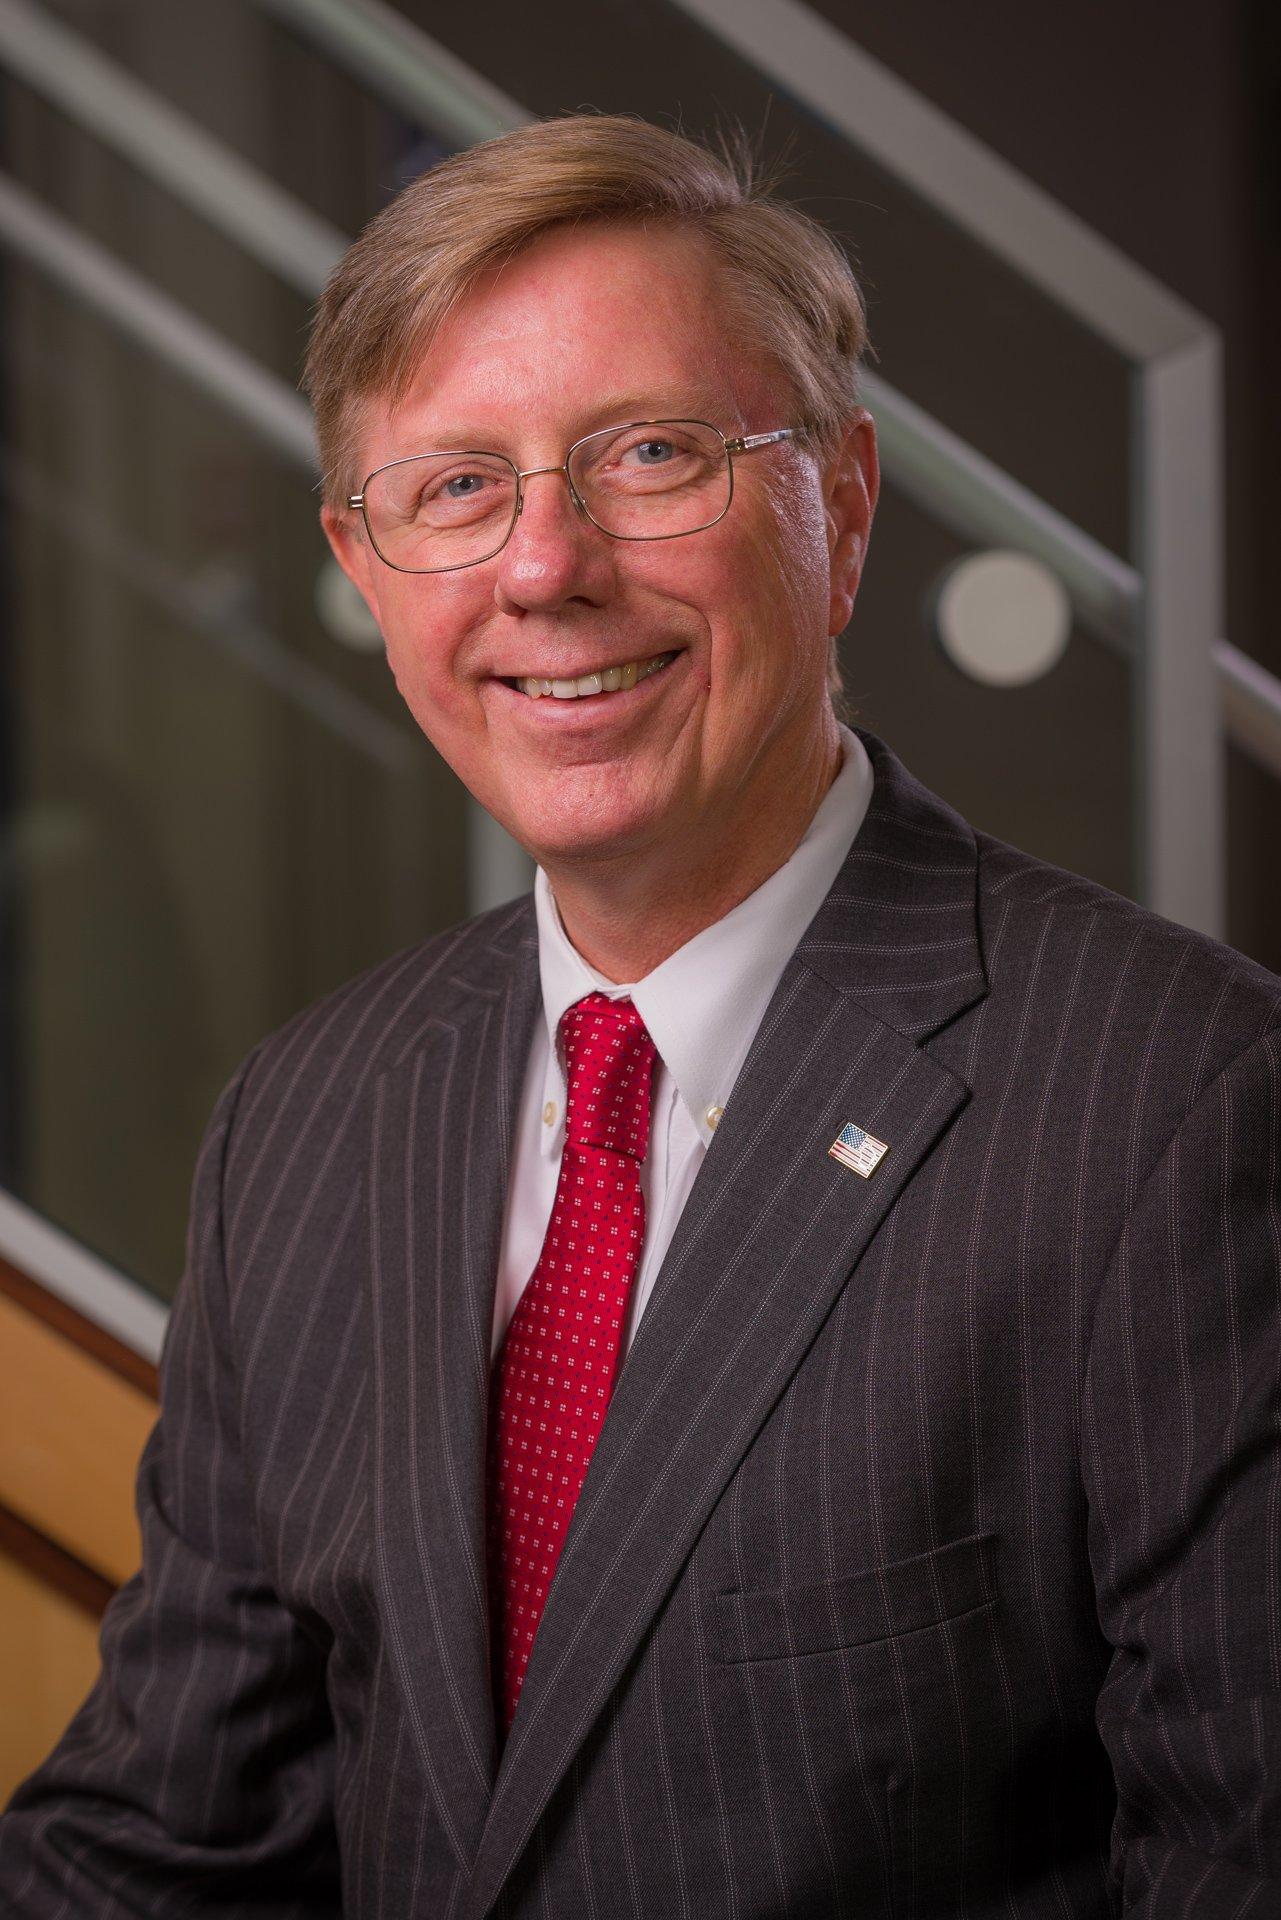 Rick W. Parks, CPCU